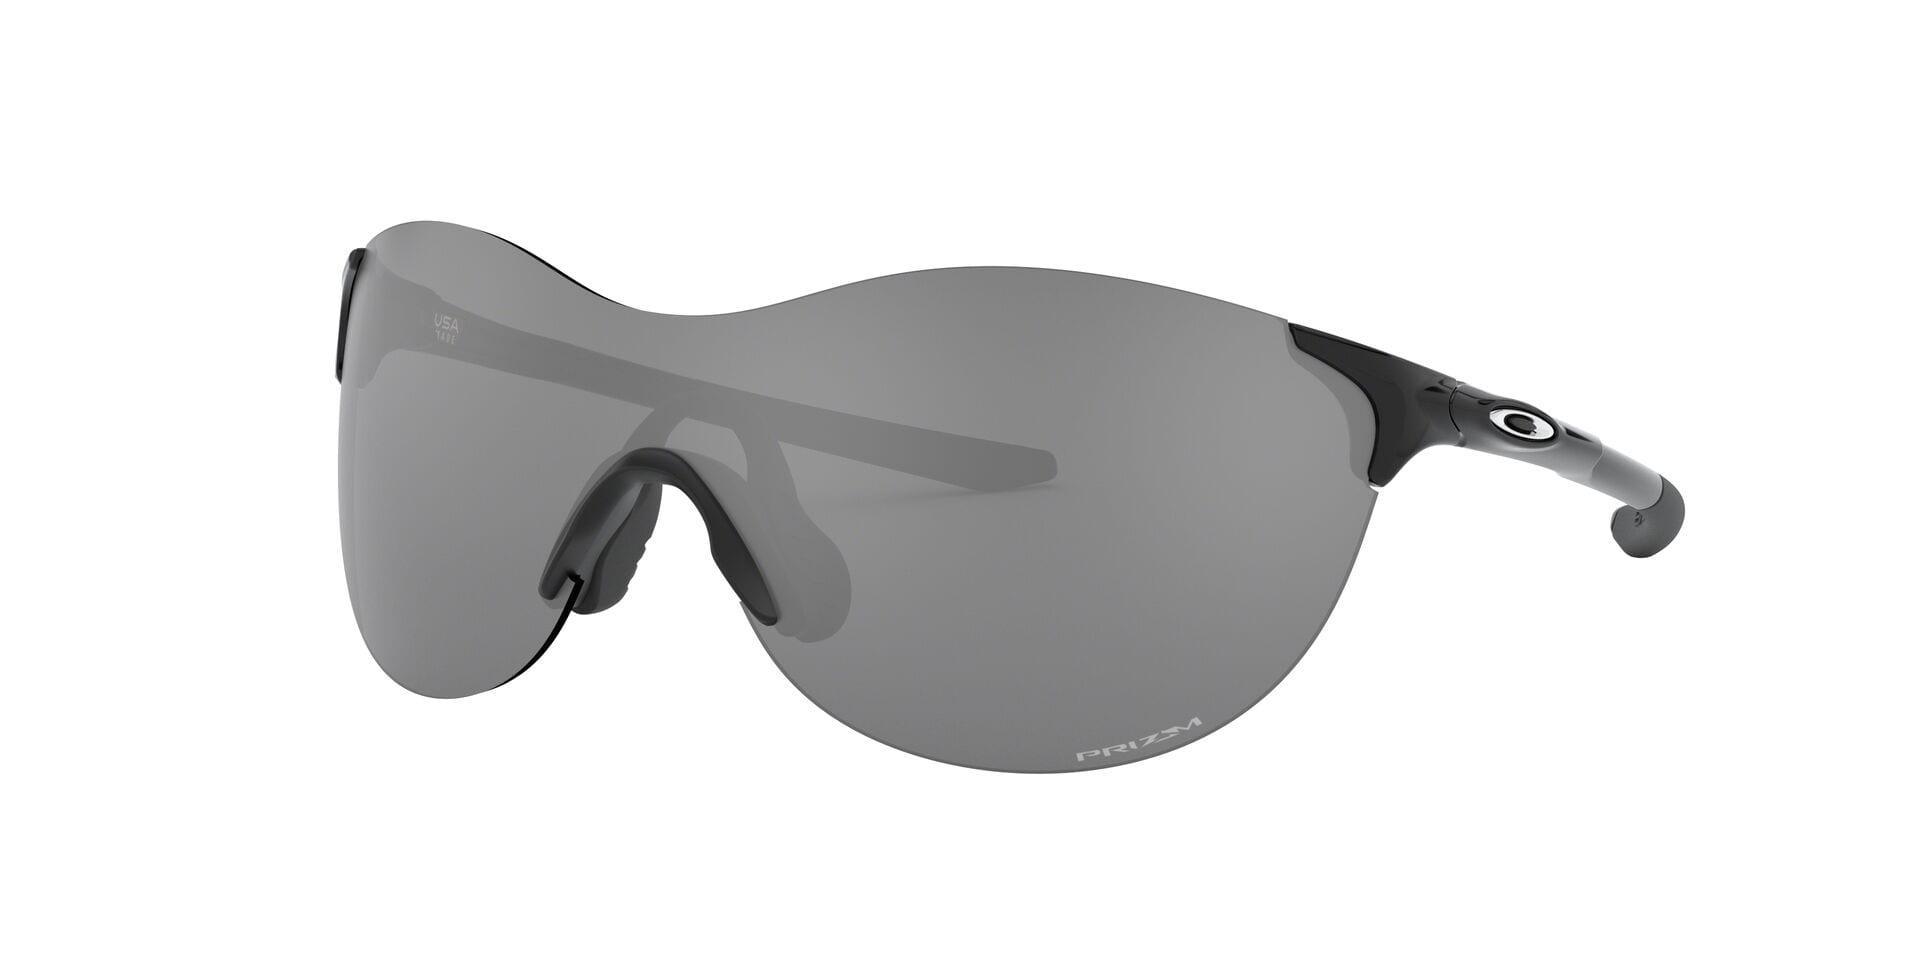 acc771878f7e Oakley Evzero Ascend Women s Sunglasses - ADS Lifestyle